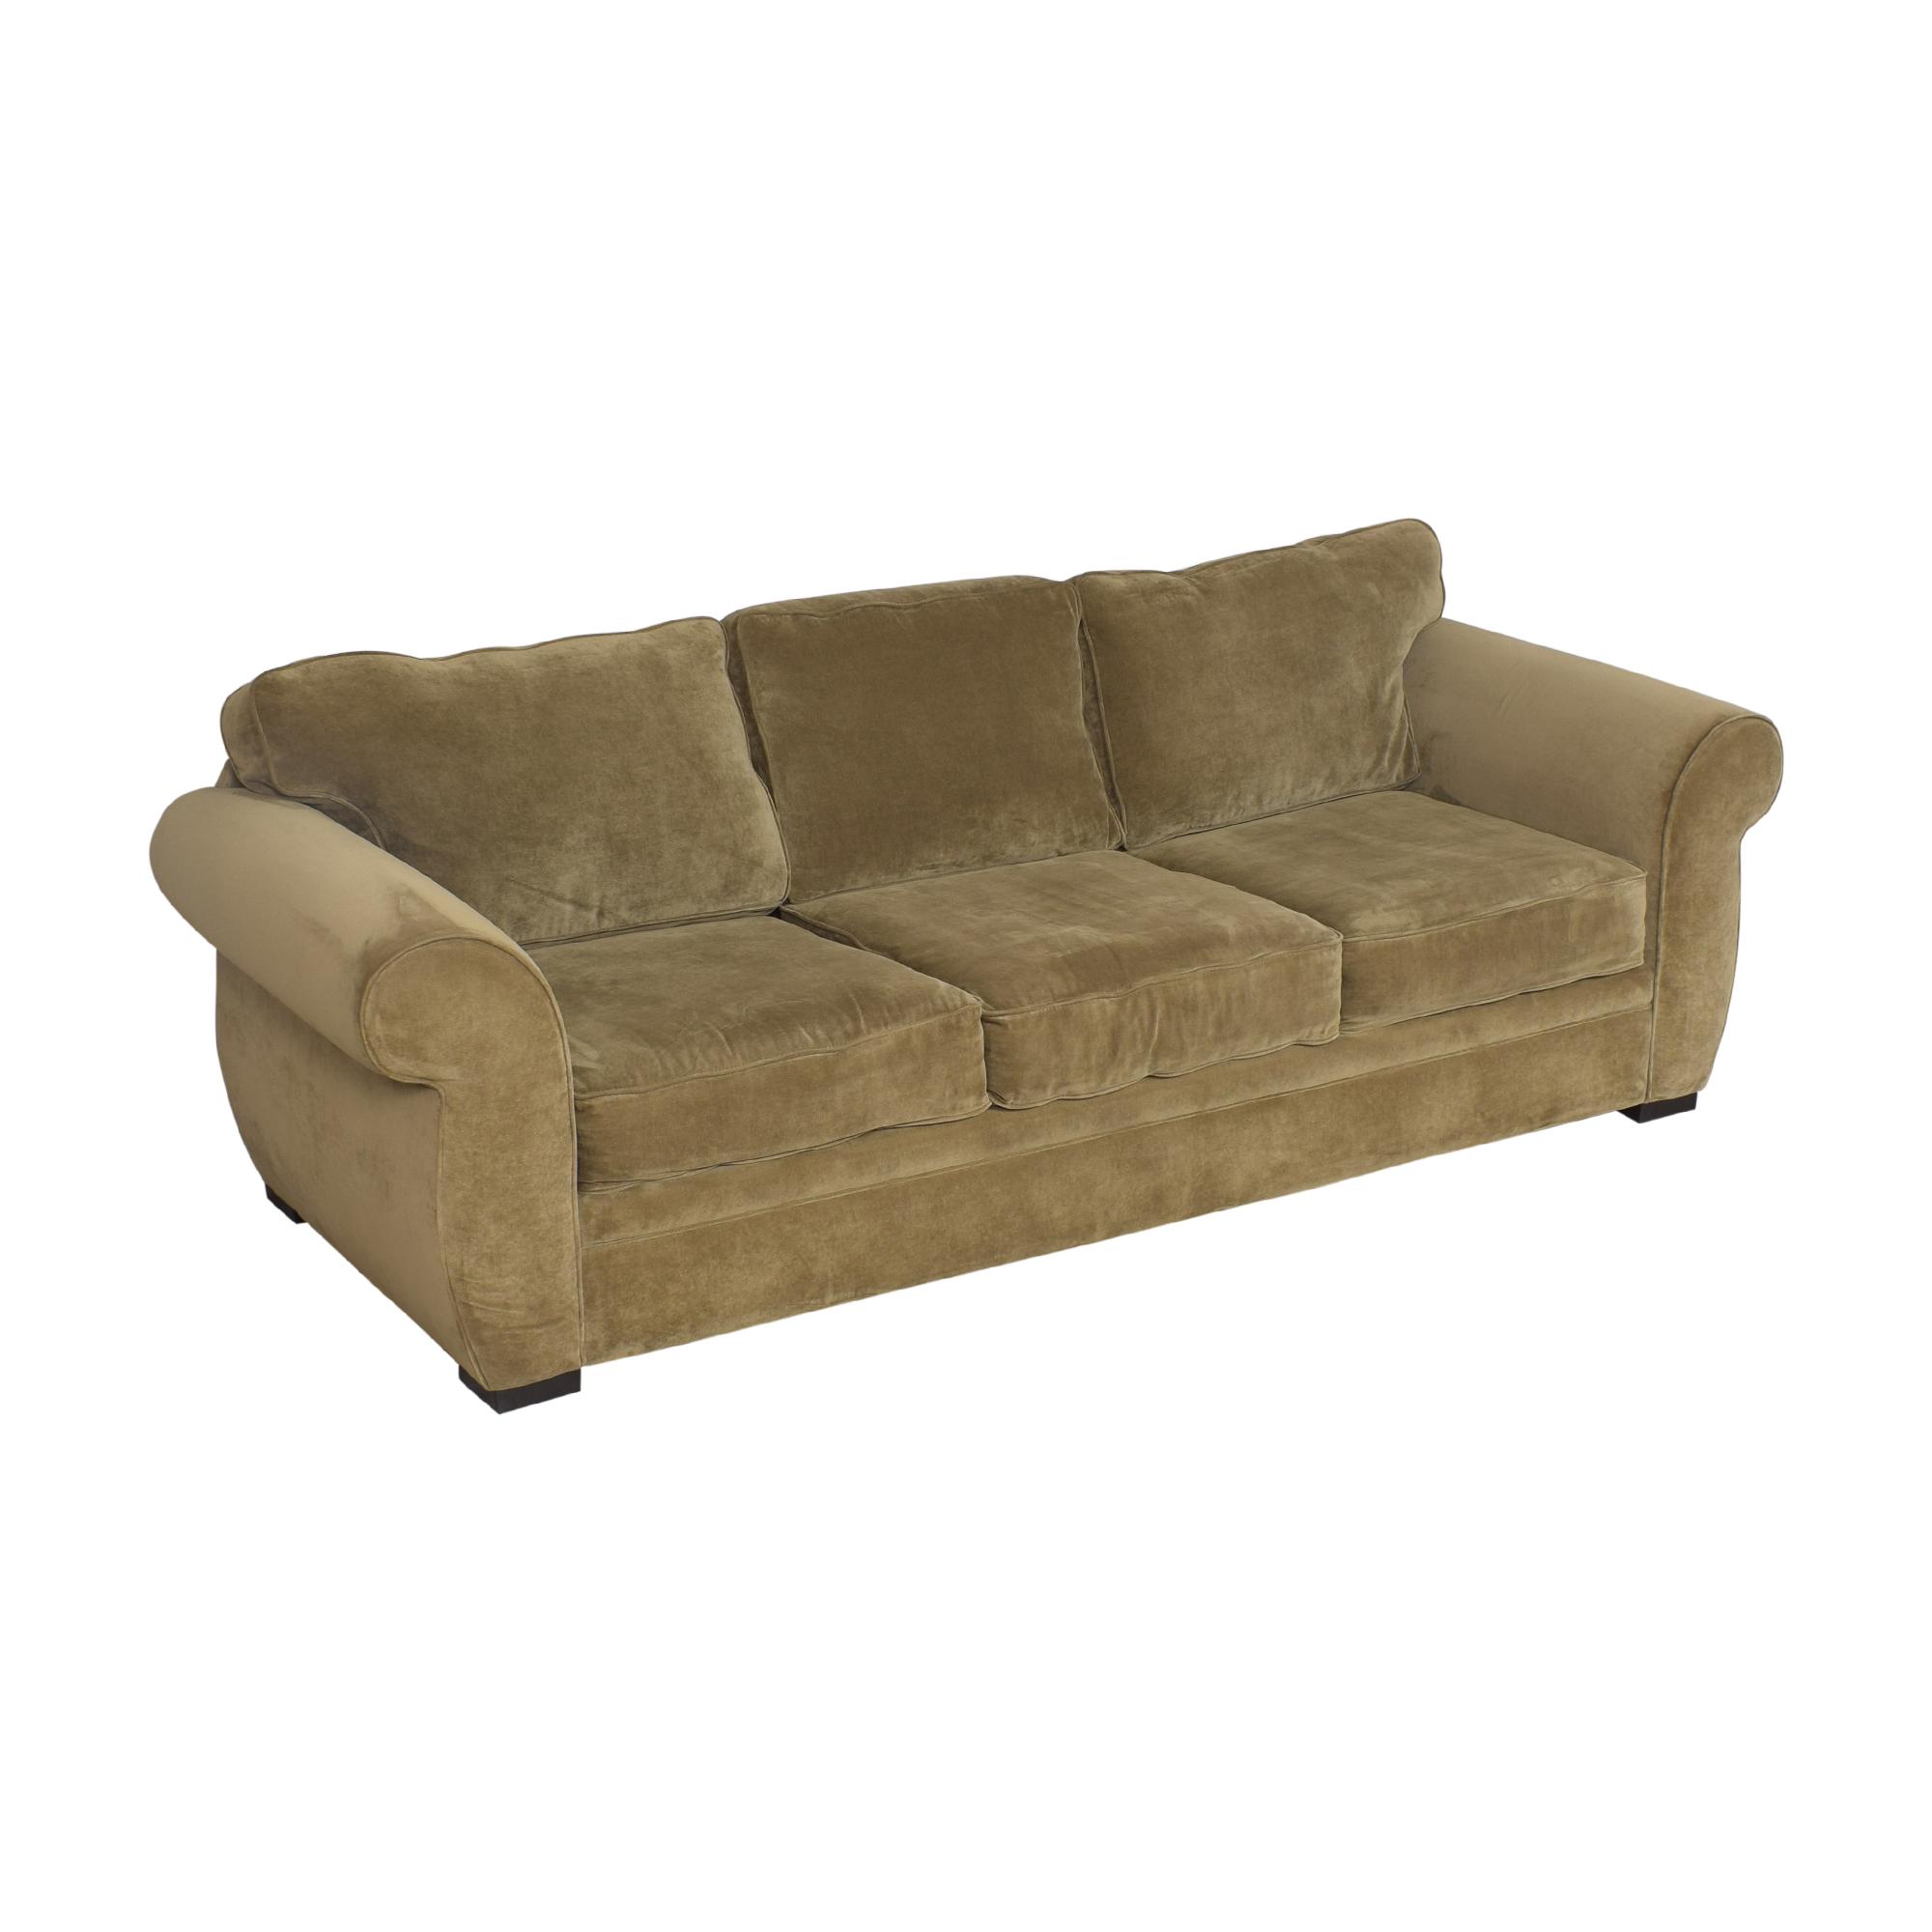 Macy's Macy's Three Cushion Sofa